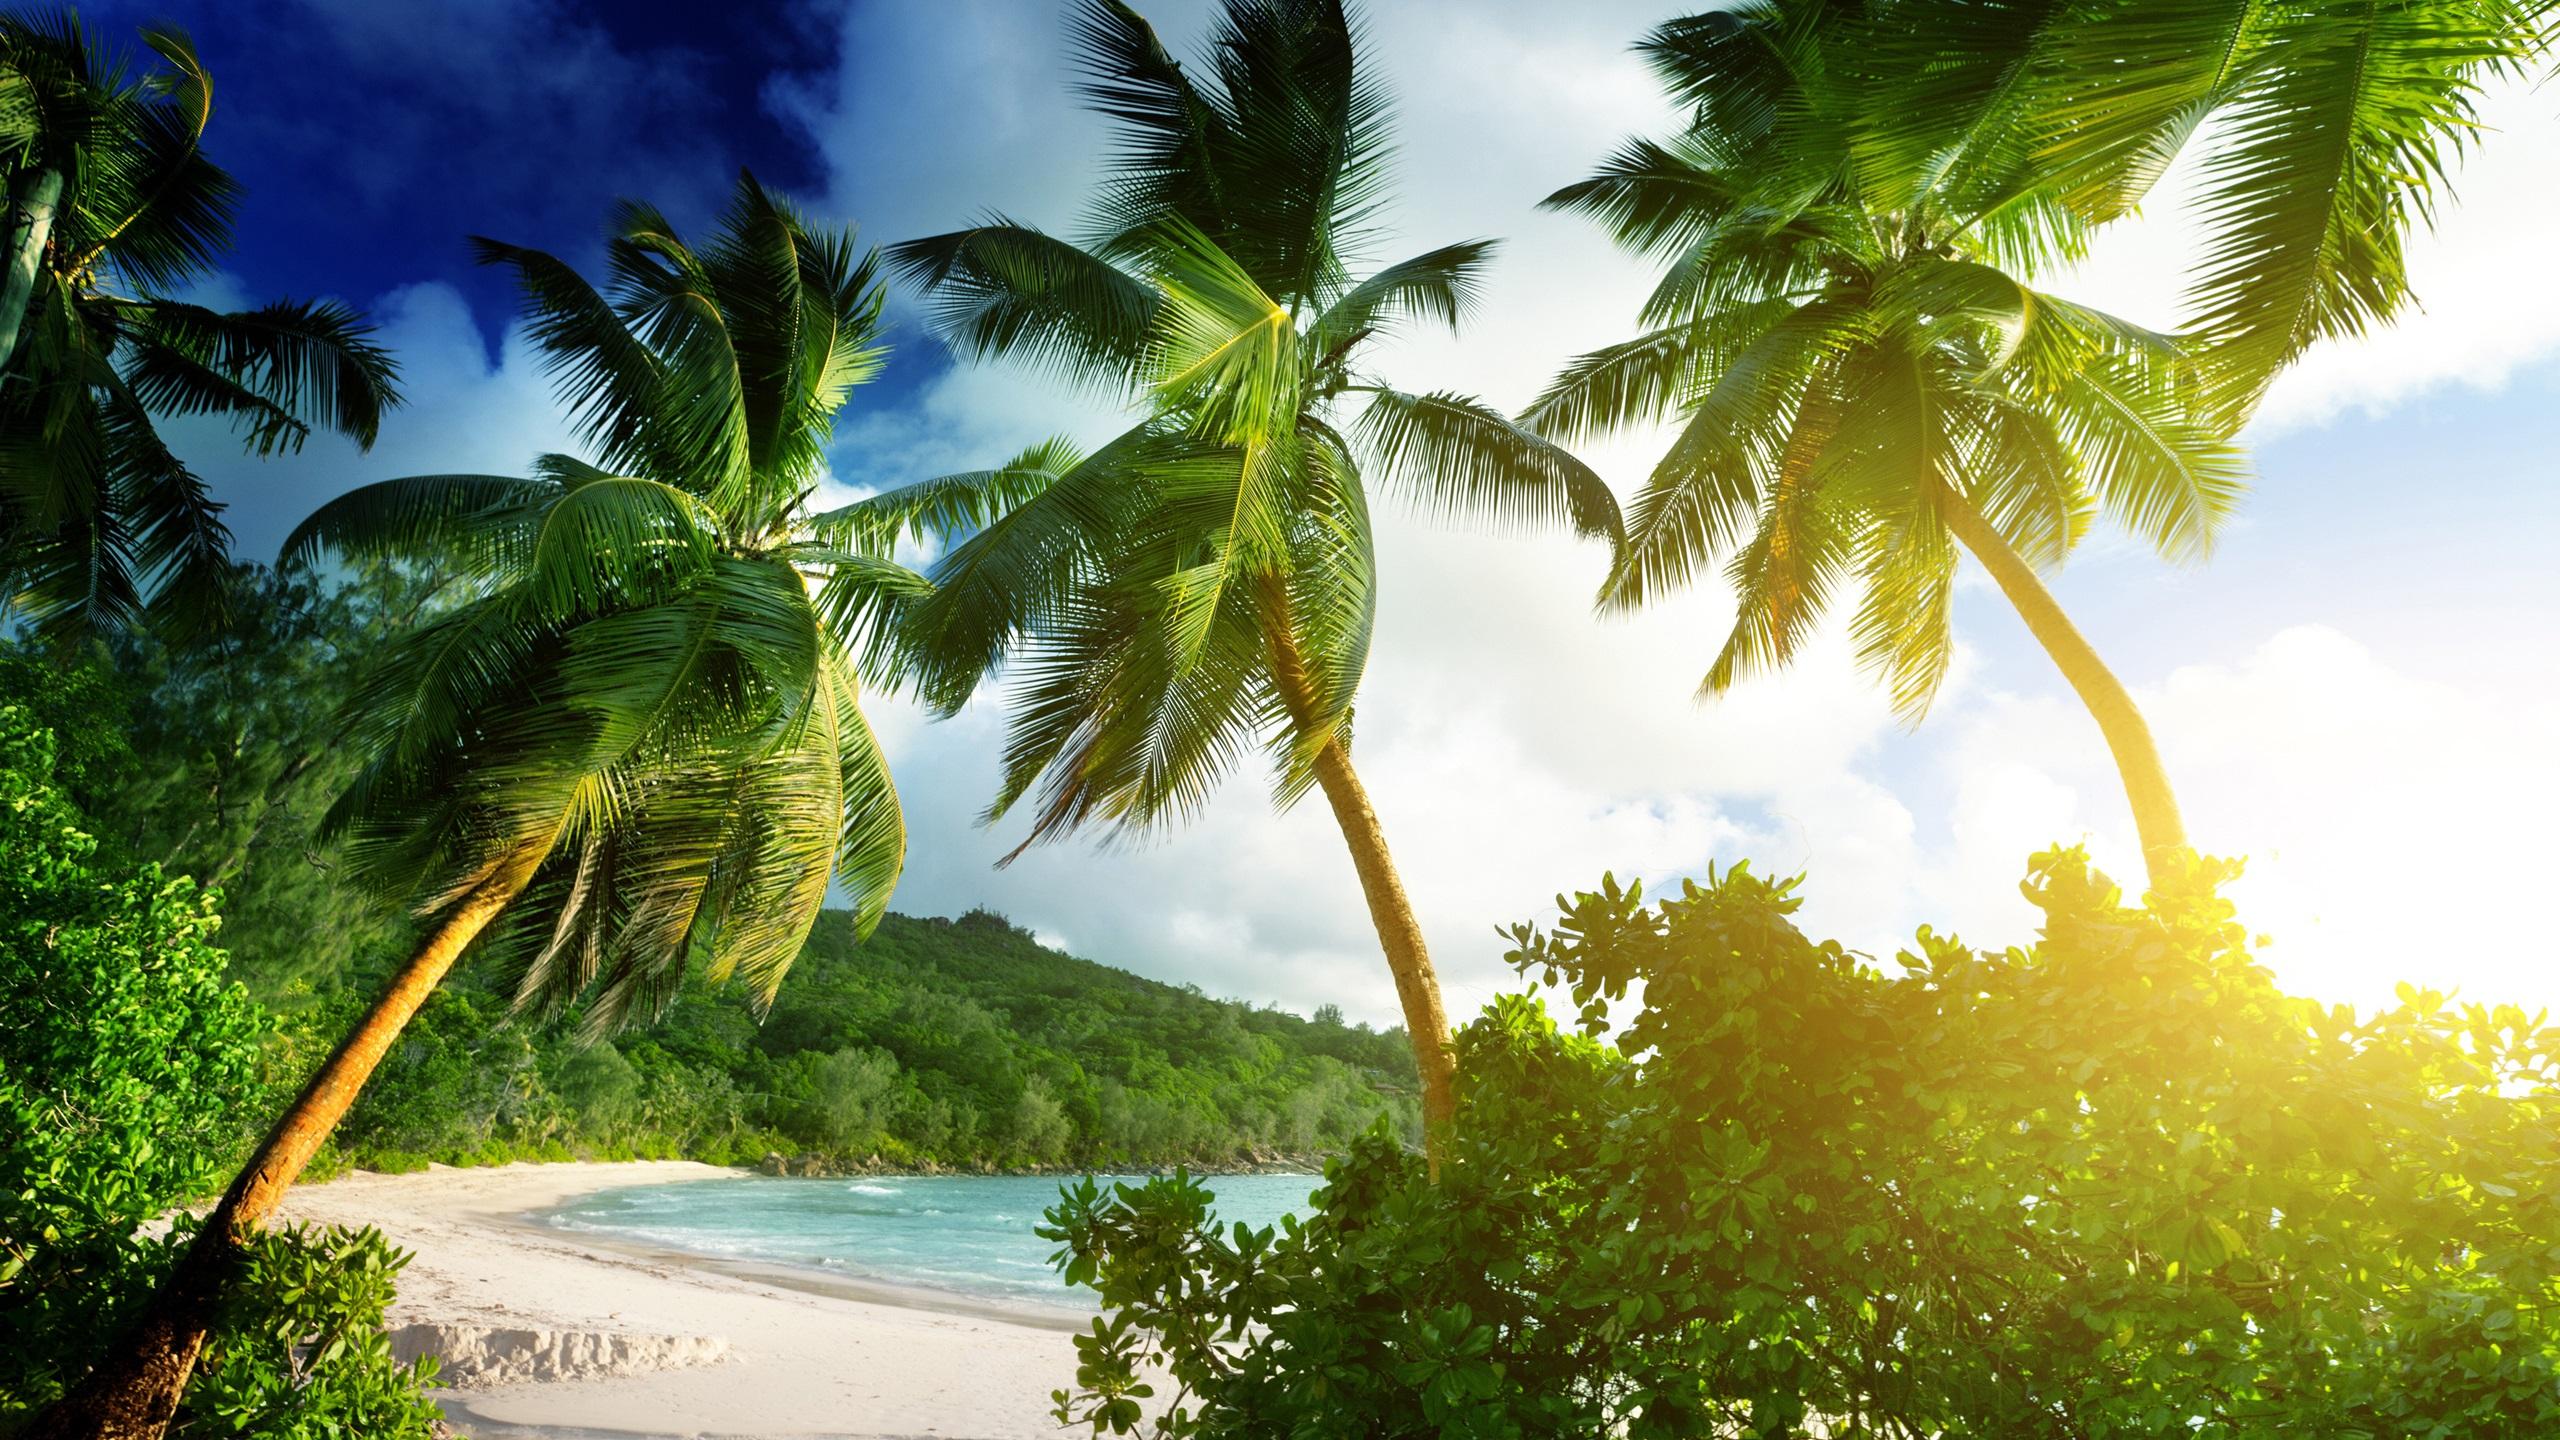 Shore Palms Tropical Beach 4k Hd Desktop Wallpaper For 4k: Download Hintergrundbilder 2560x1440 QHD Seychellen, Mahe